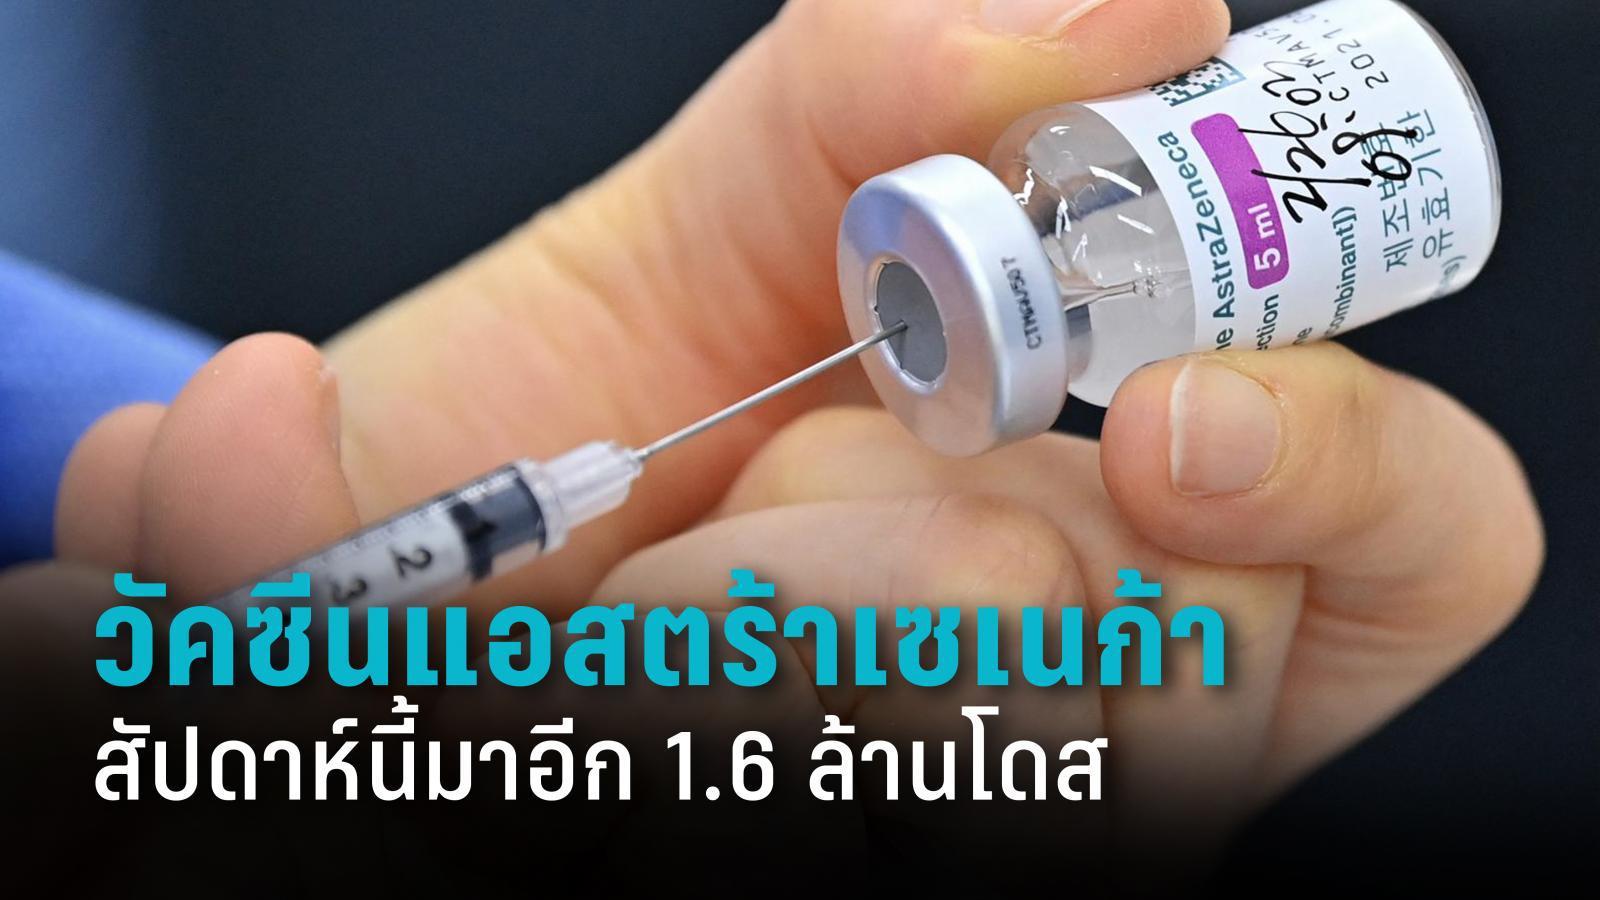 """วัคซีนโควิด-19 """"แอสตร้าเซเนก้า"""" ล็อตใหม่จะมาอีก 1.6 ล้านโดส"""